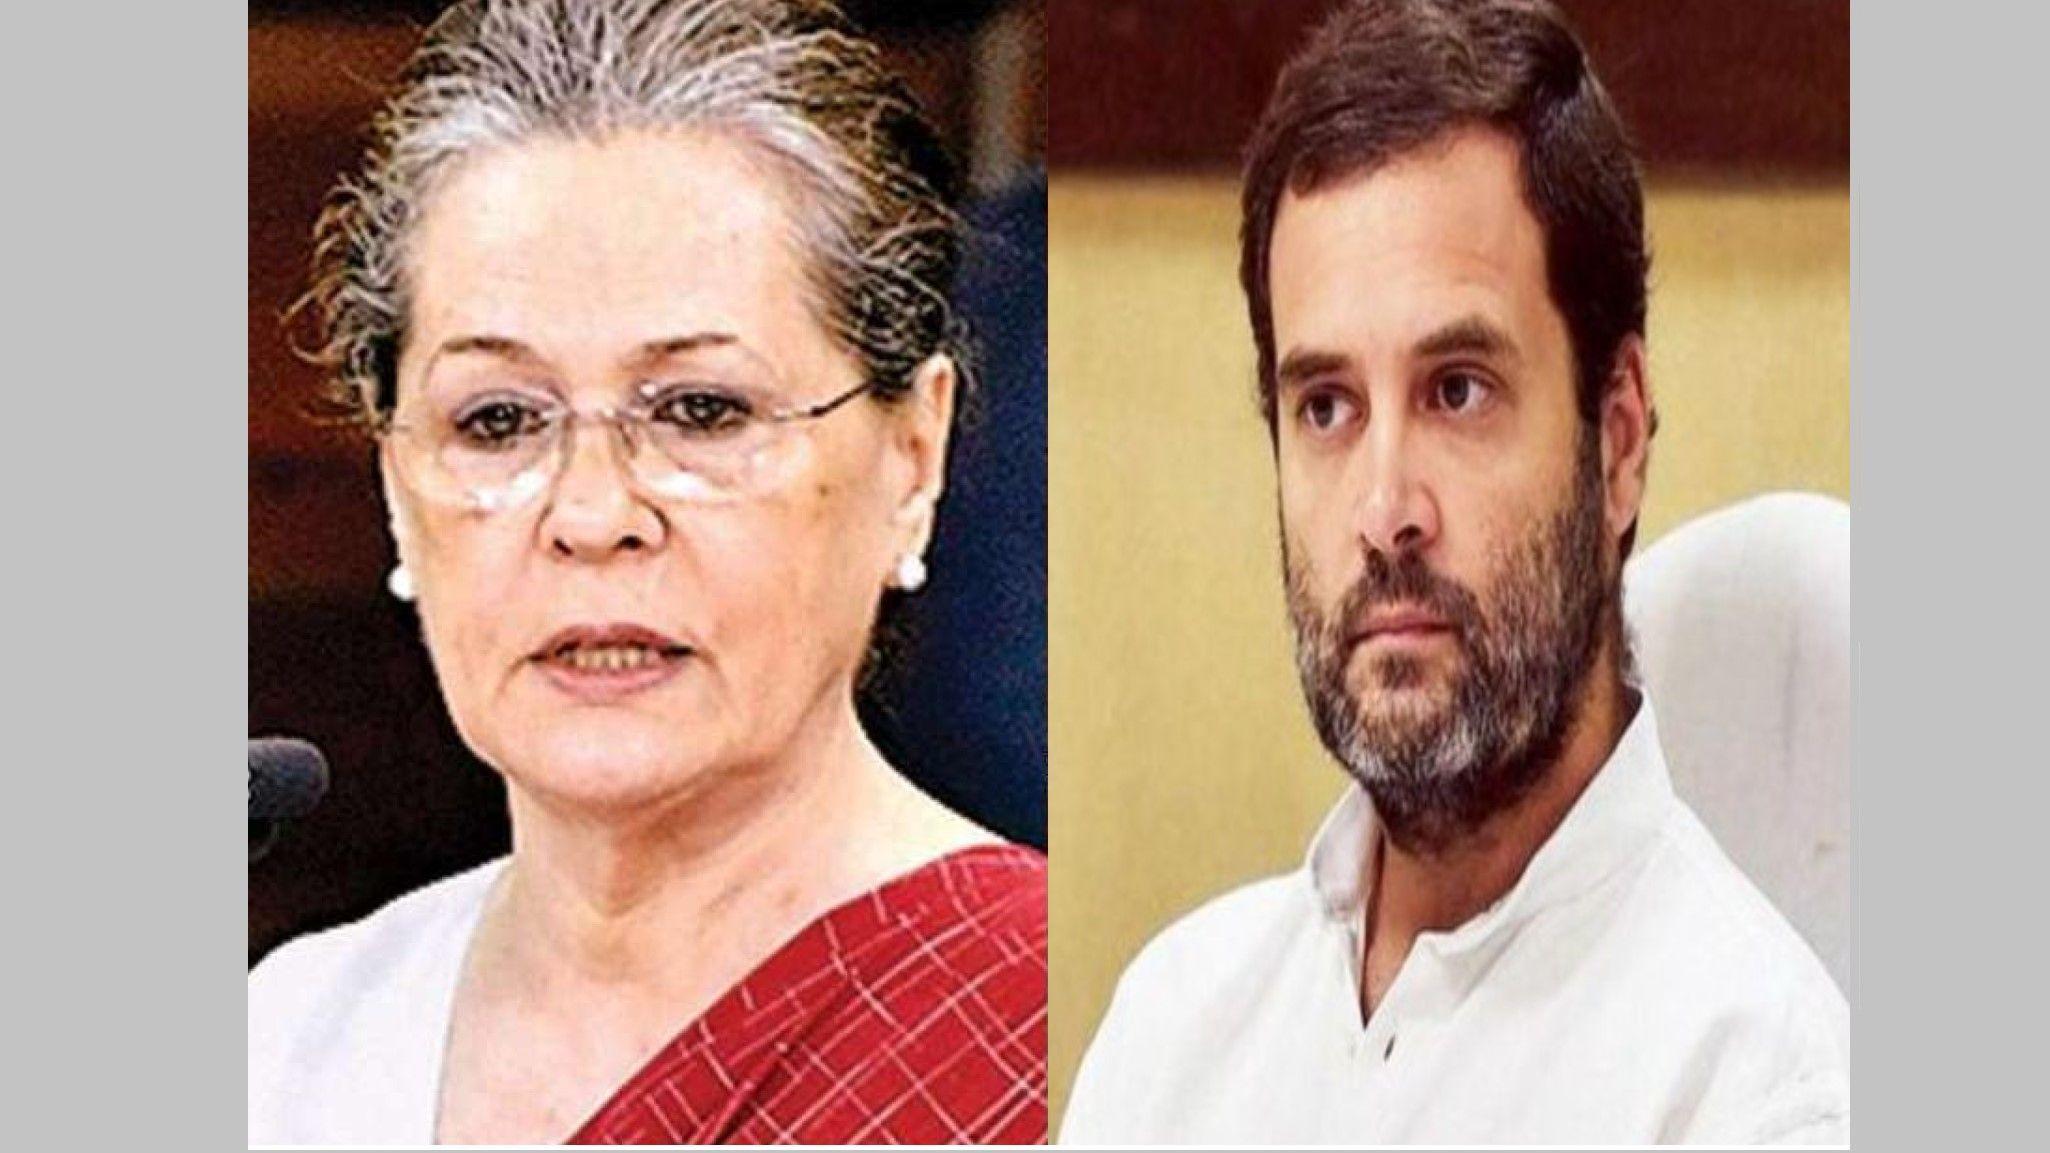 Kapil sibal dinner for Opposition unity  - Satya Hindi